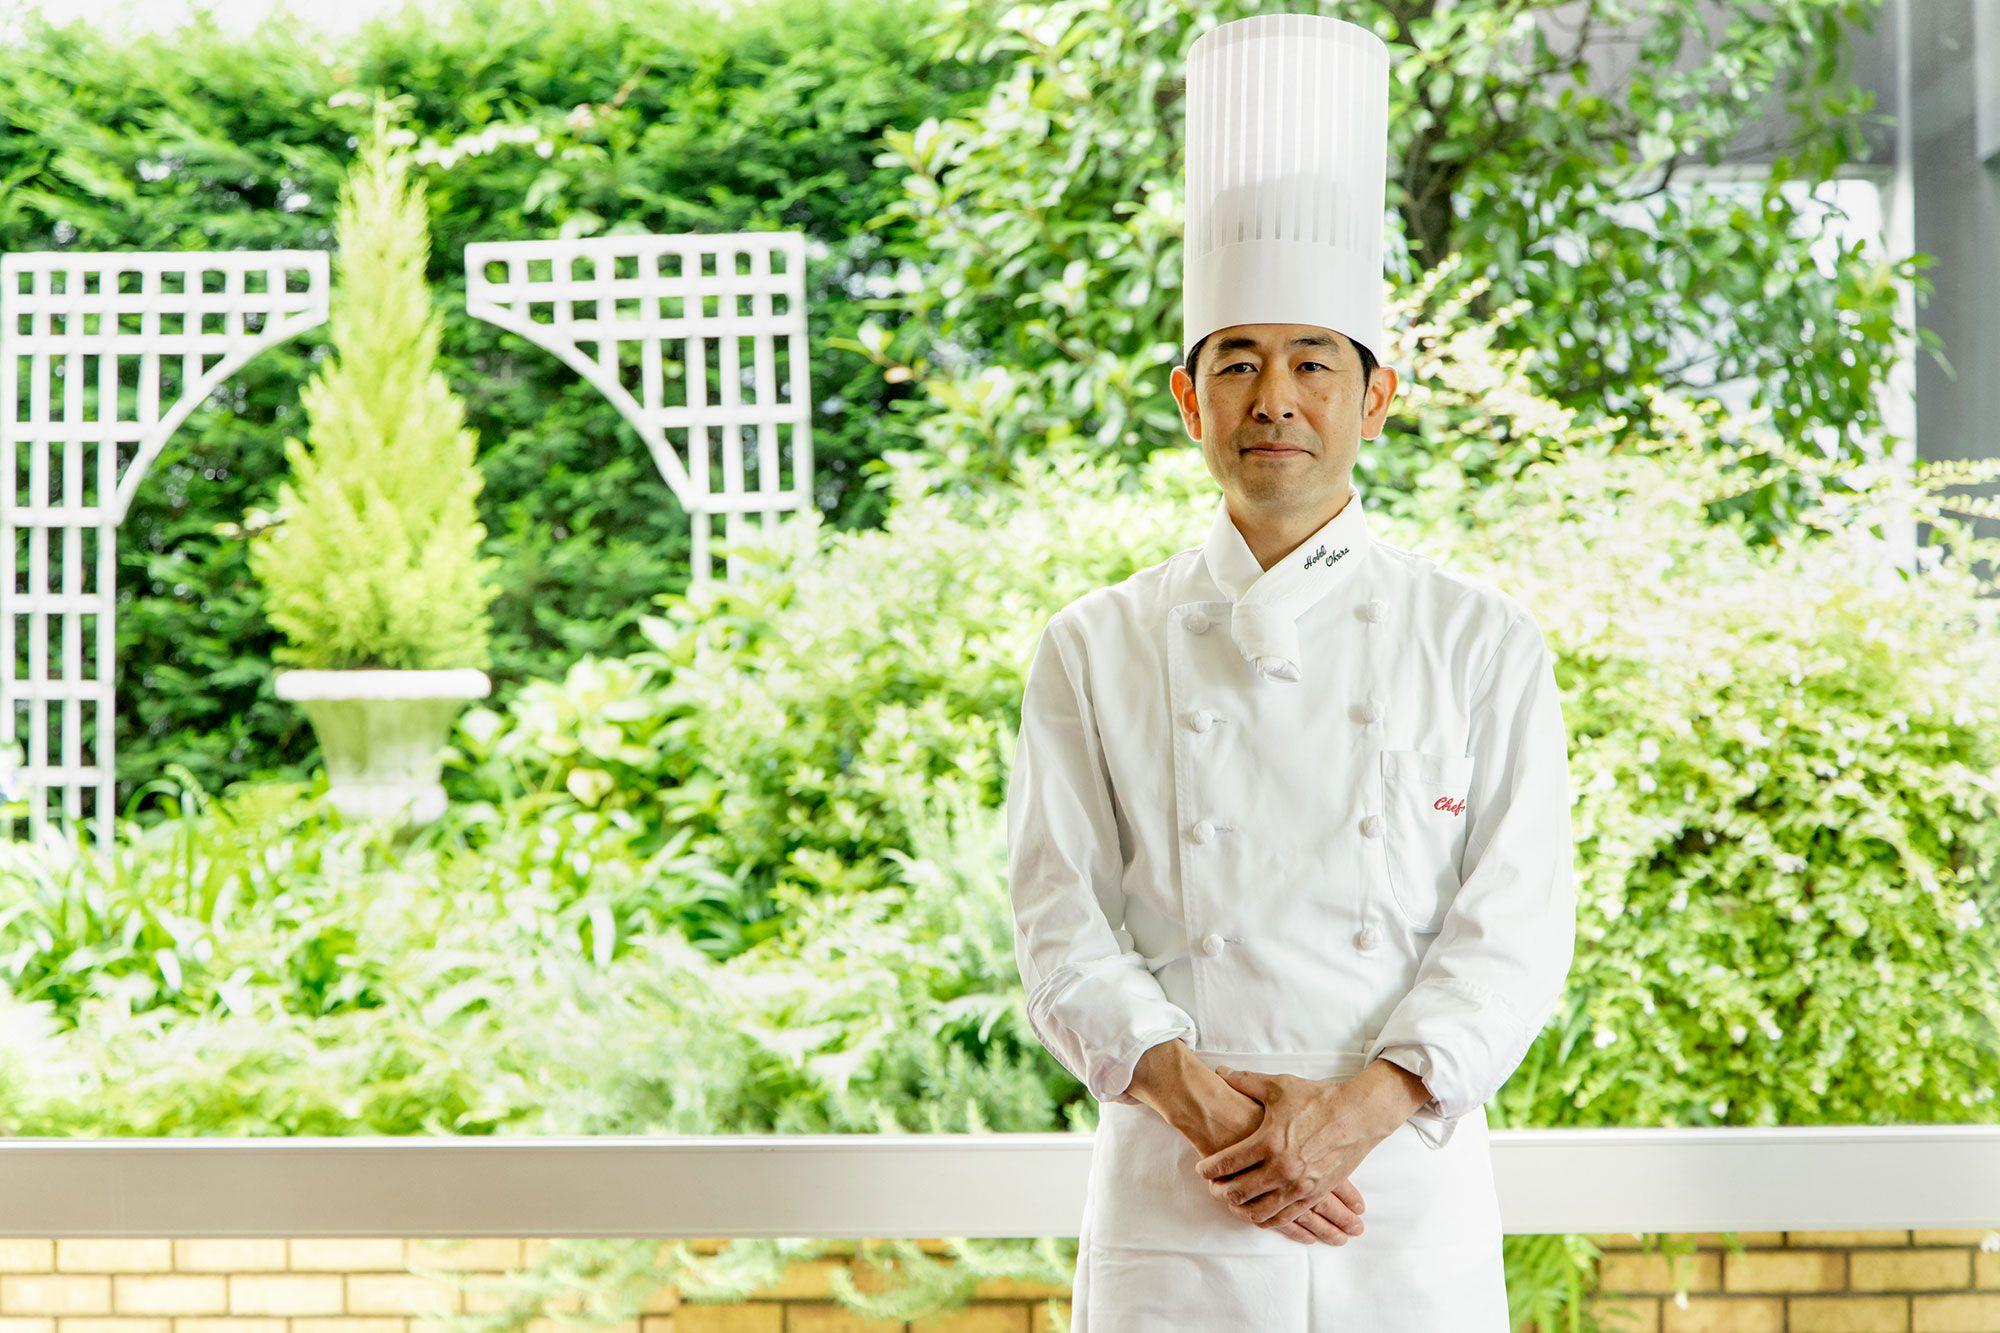 ヌーヴェル・エポックの料理長に就任した髙橋哲治郎。